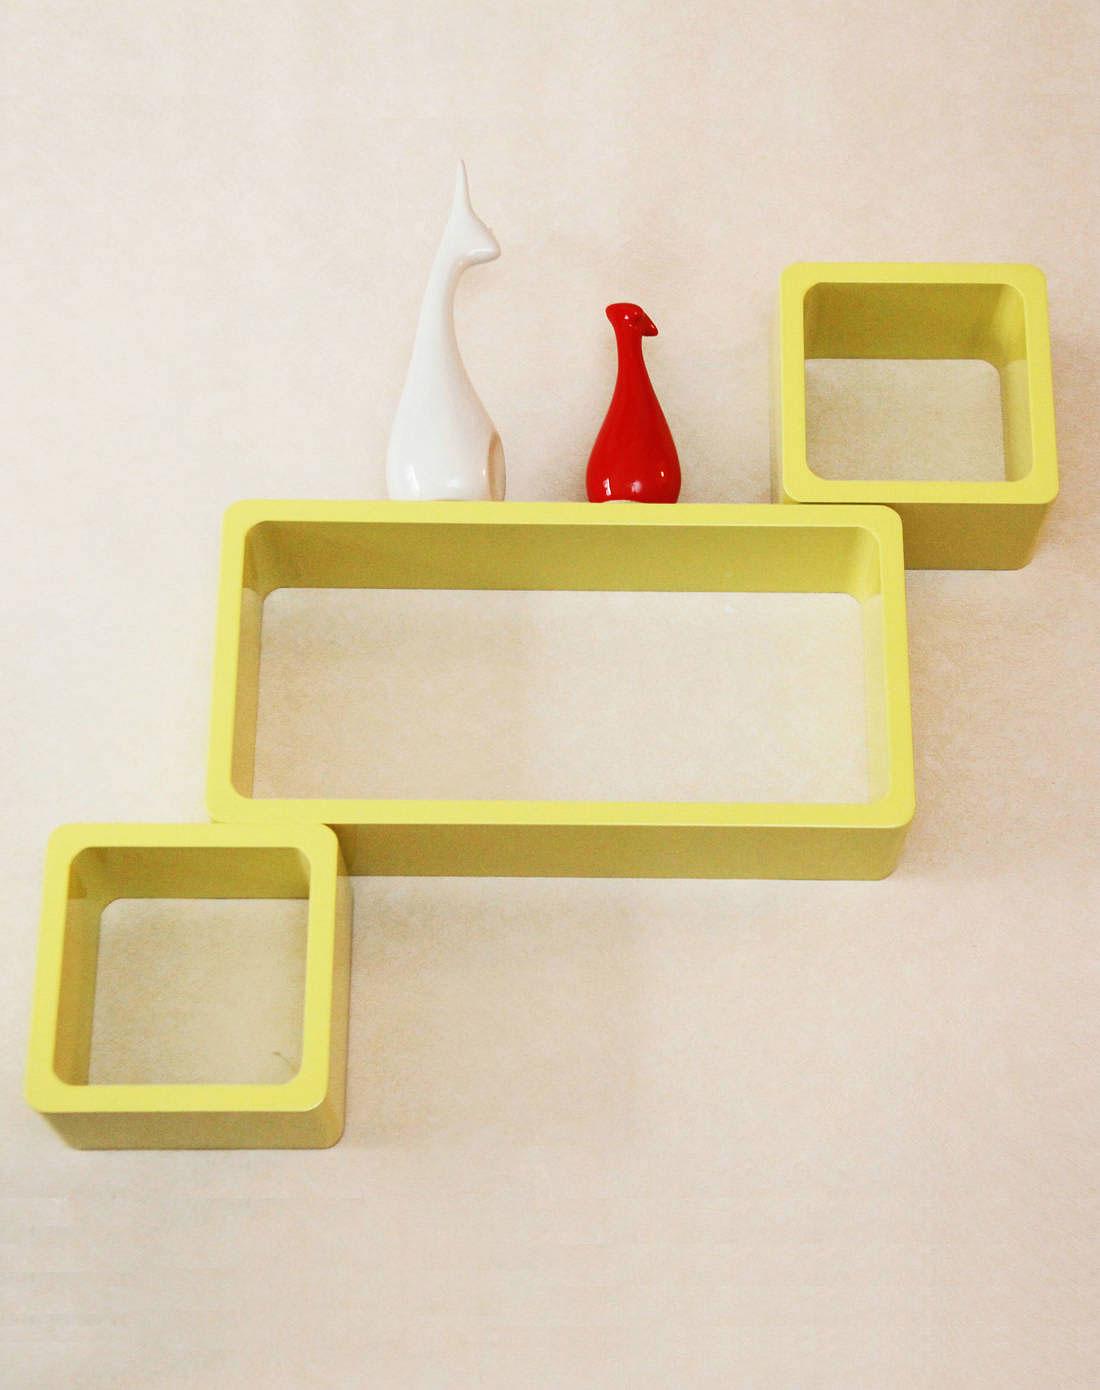 雅工坊木质置物架-品字格子3件绿261101004